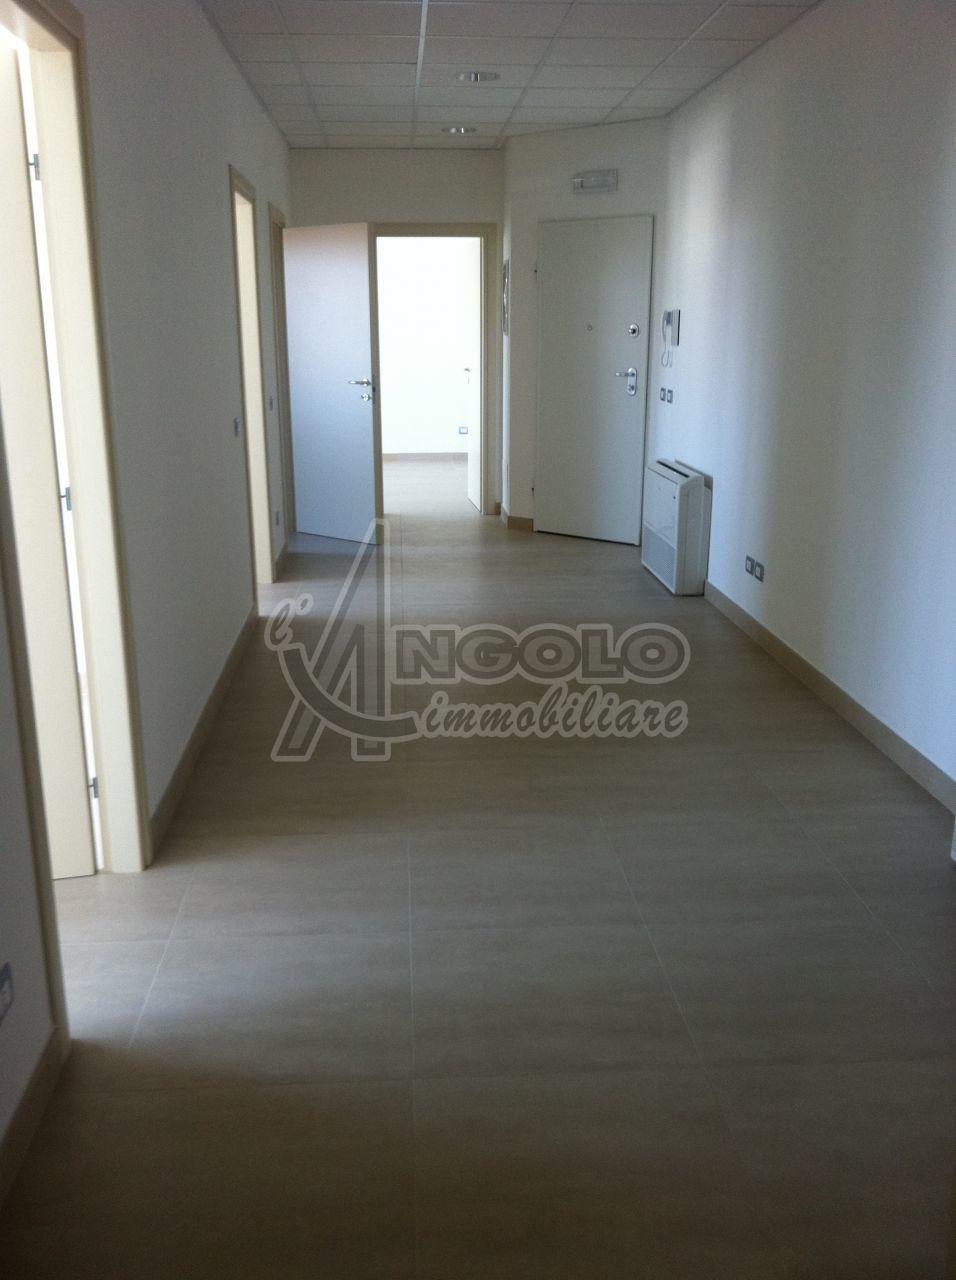 Ufficio / Studio in affitto a Occhiobello, 4 locali, prezzo € 900 | Cambio Casa.it